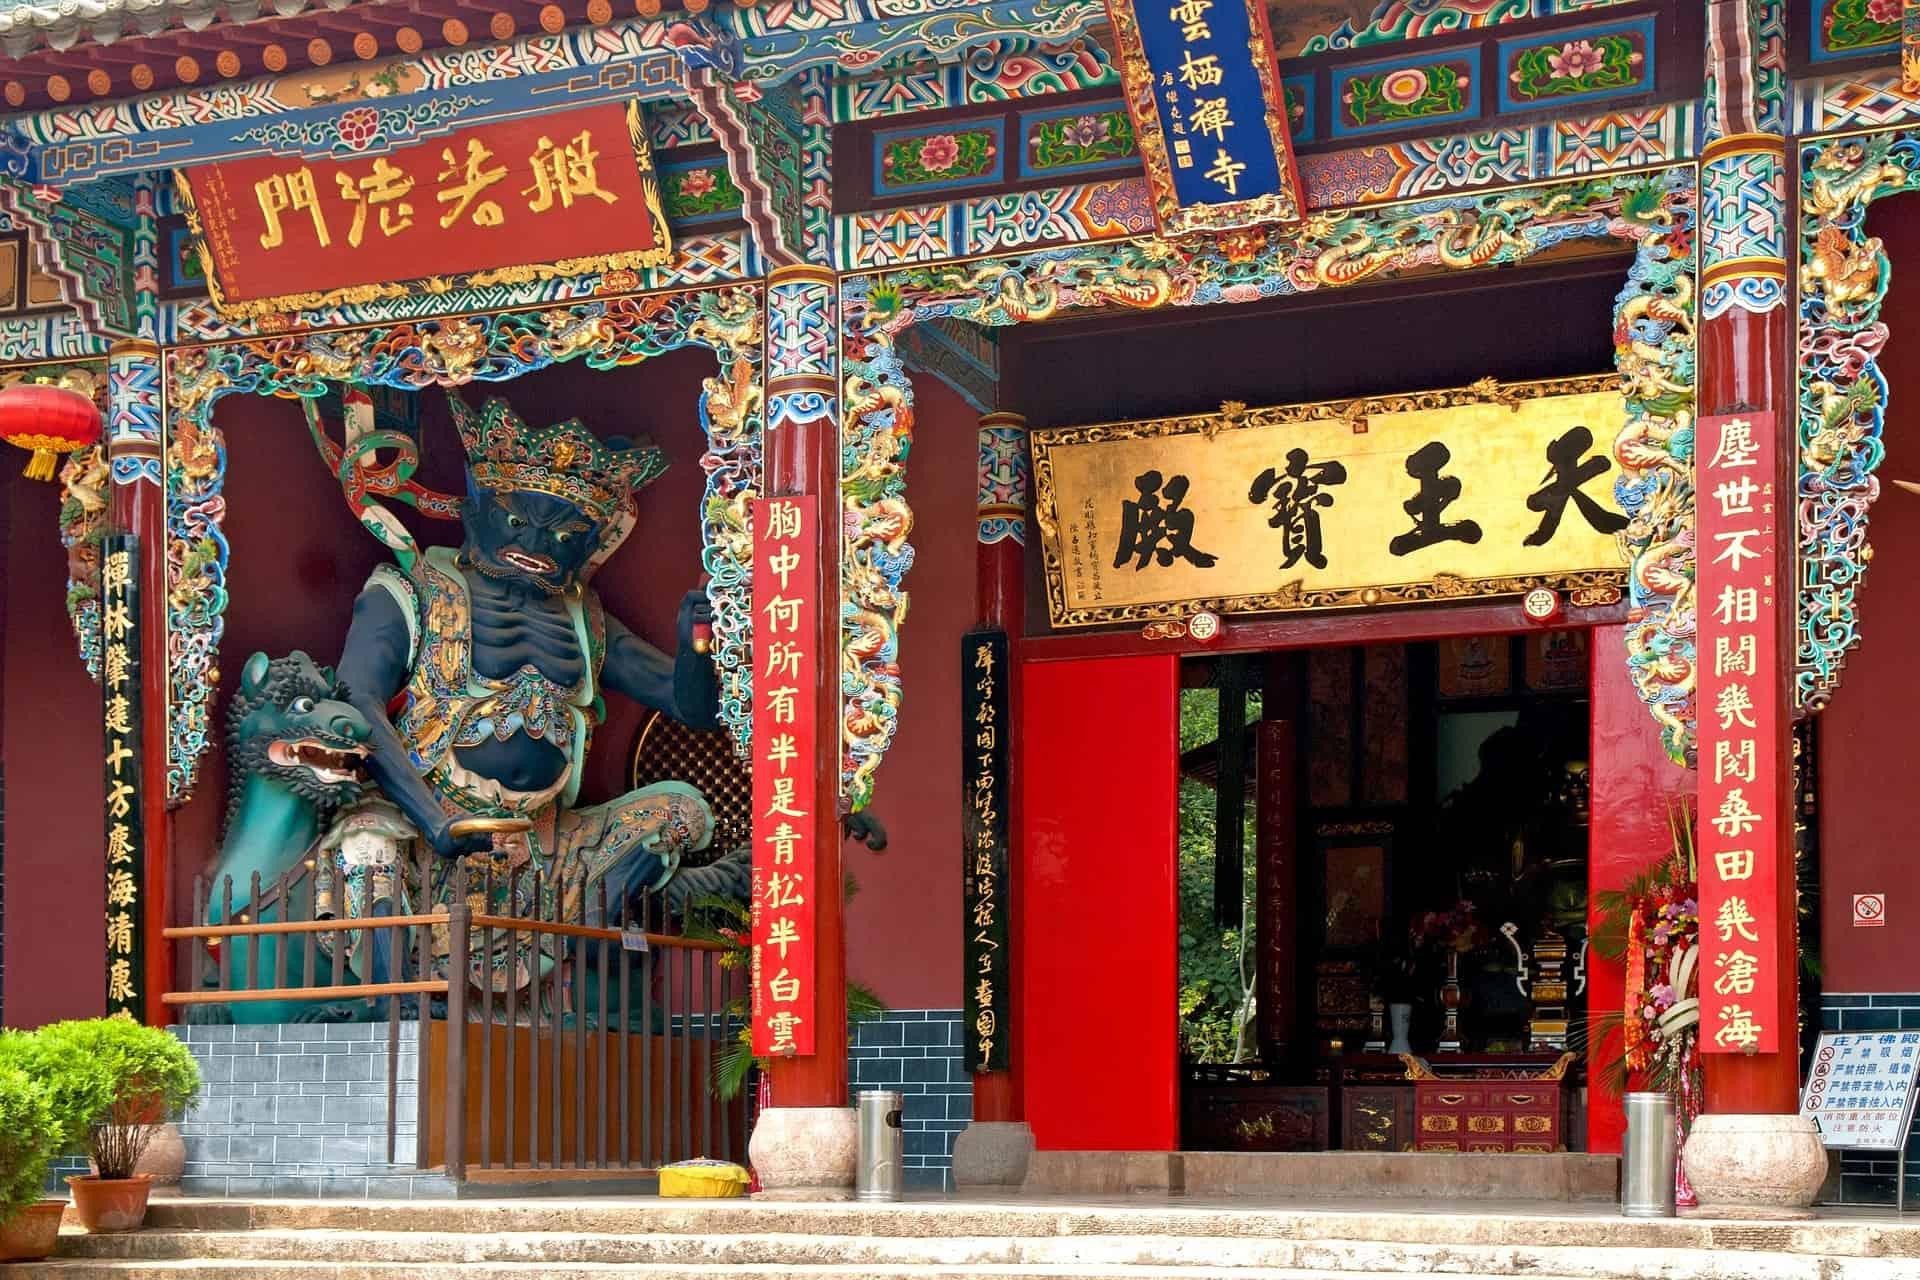 המקדש בקונמינג סין, צילום: pixabay